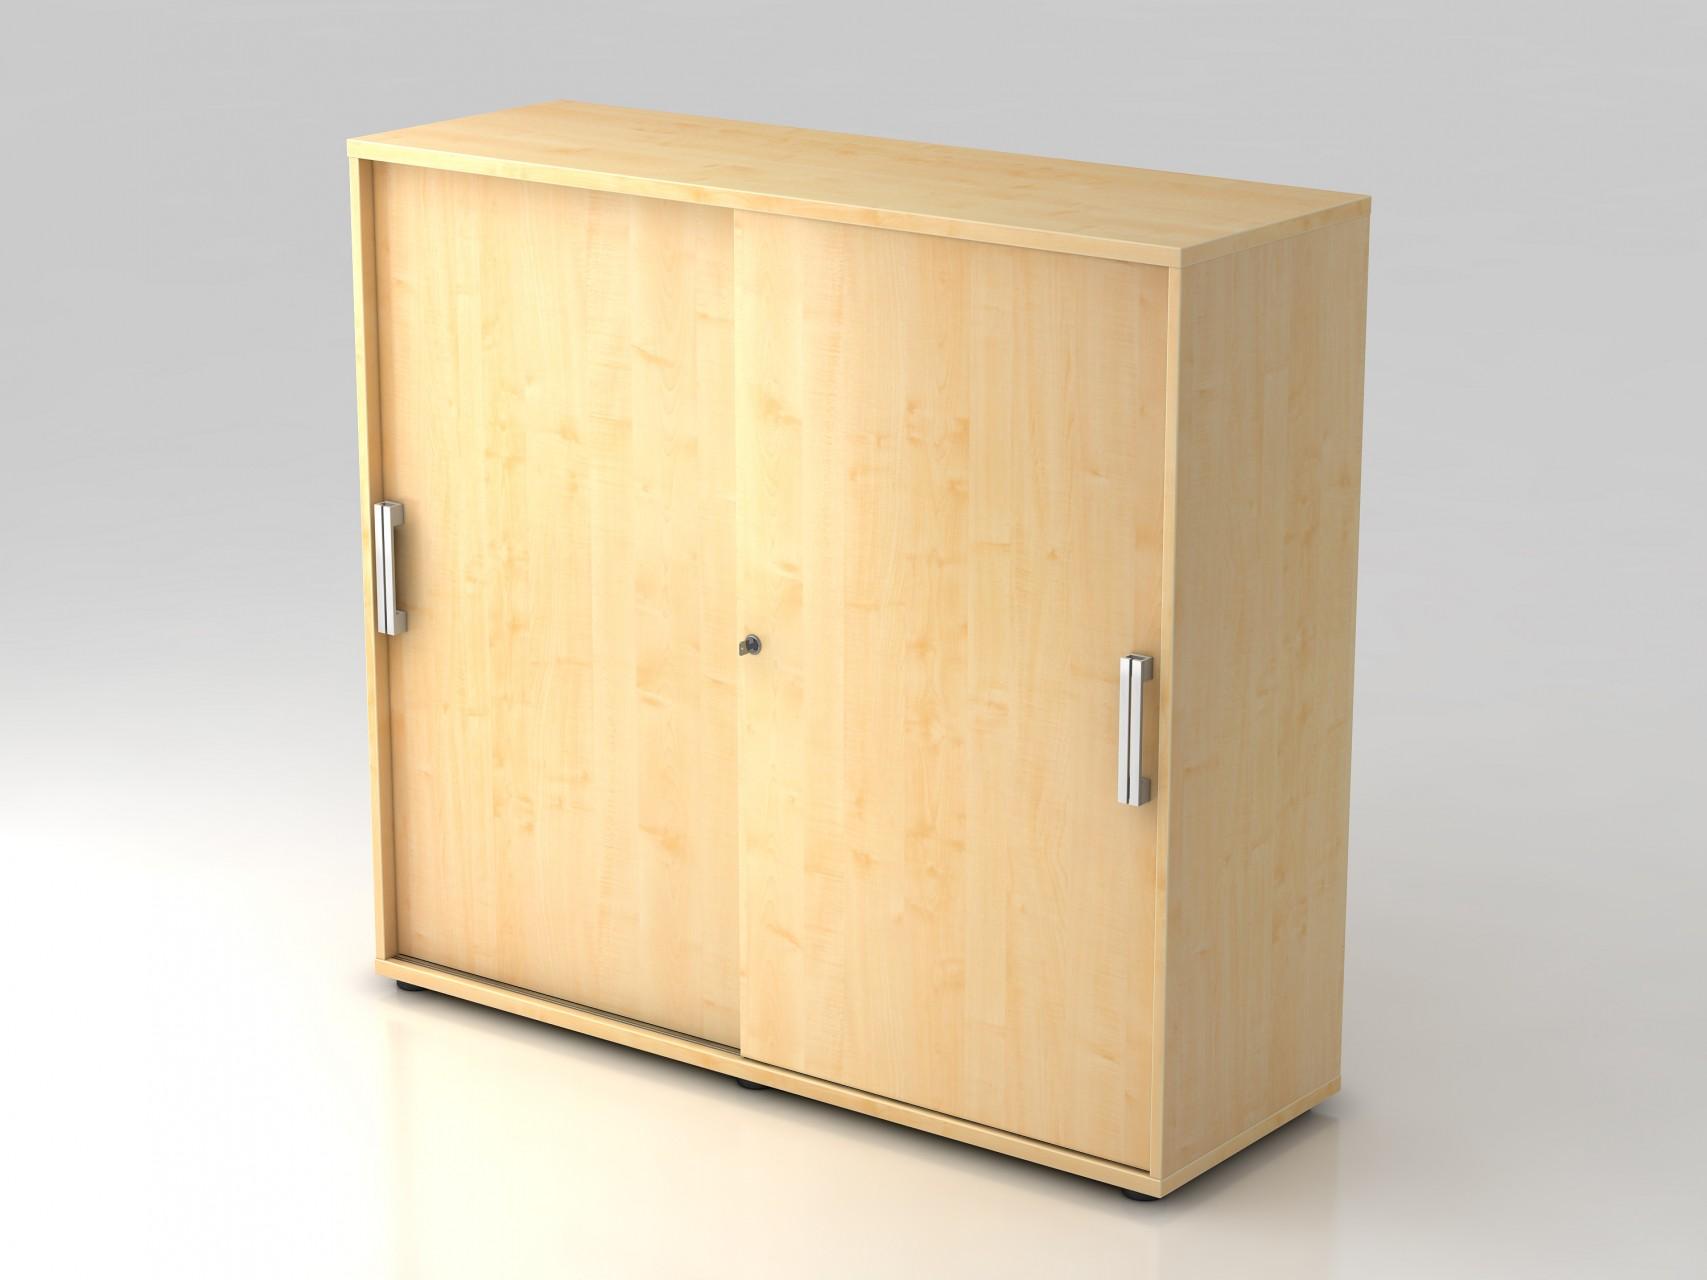 Armoire designe armoire porte coulissante profondeur 40 for Armoire petite profondeur